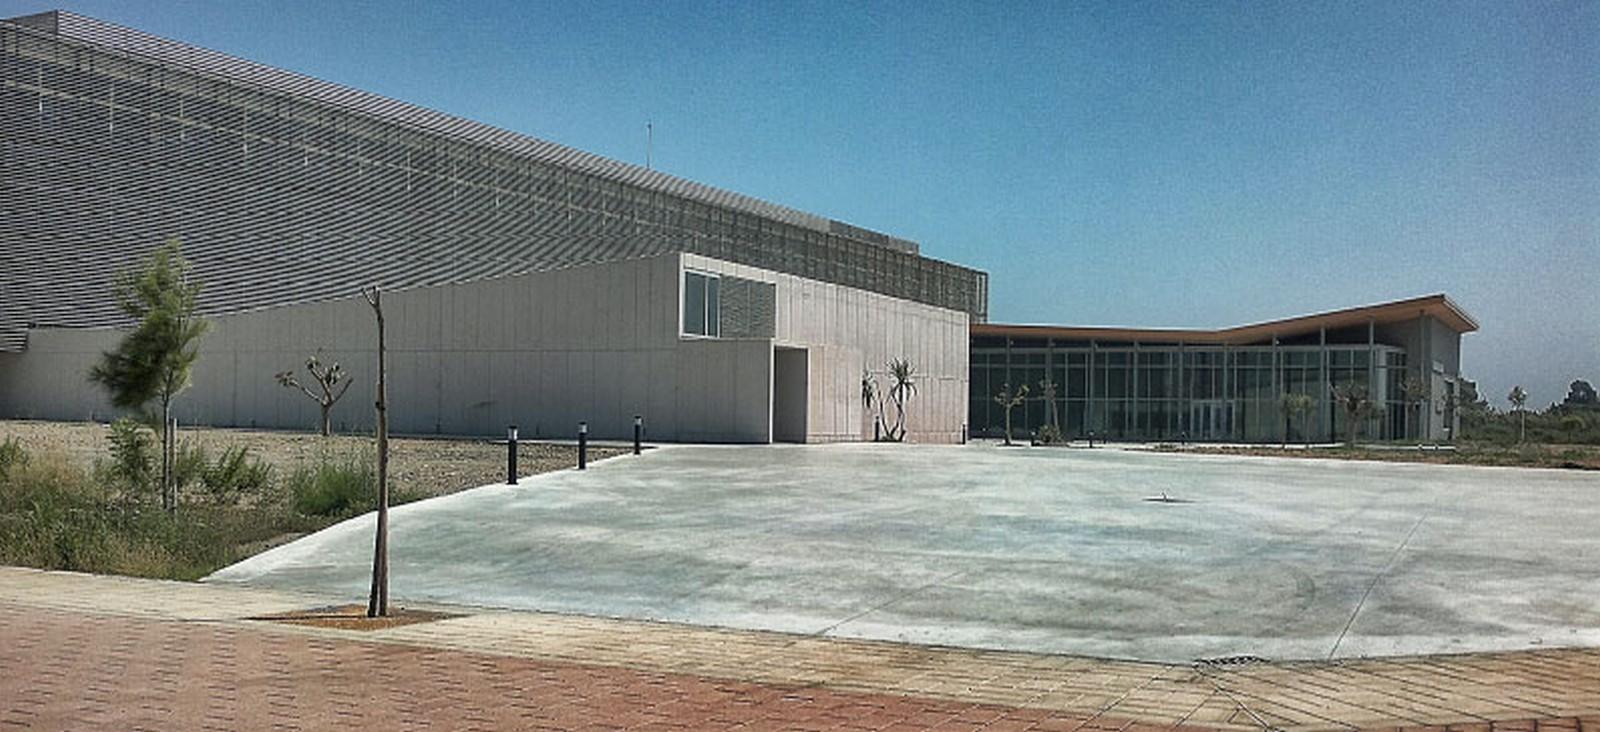 Architects in Almeria - Top 35 Architects in Almeria - Sheet3